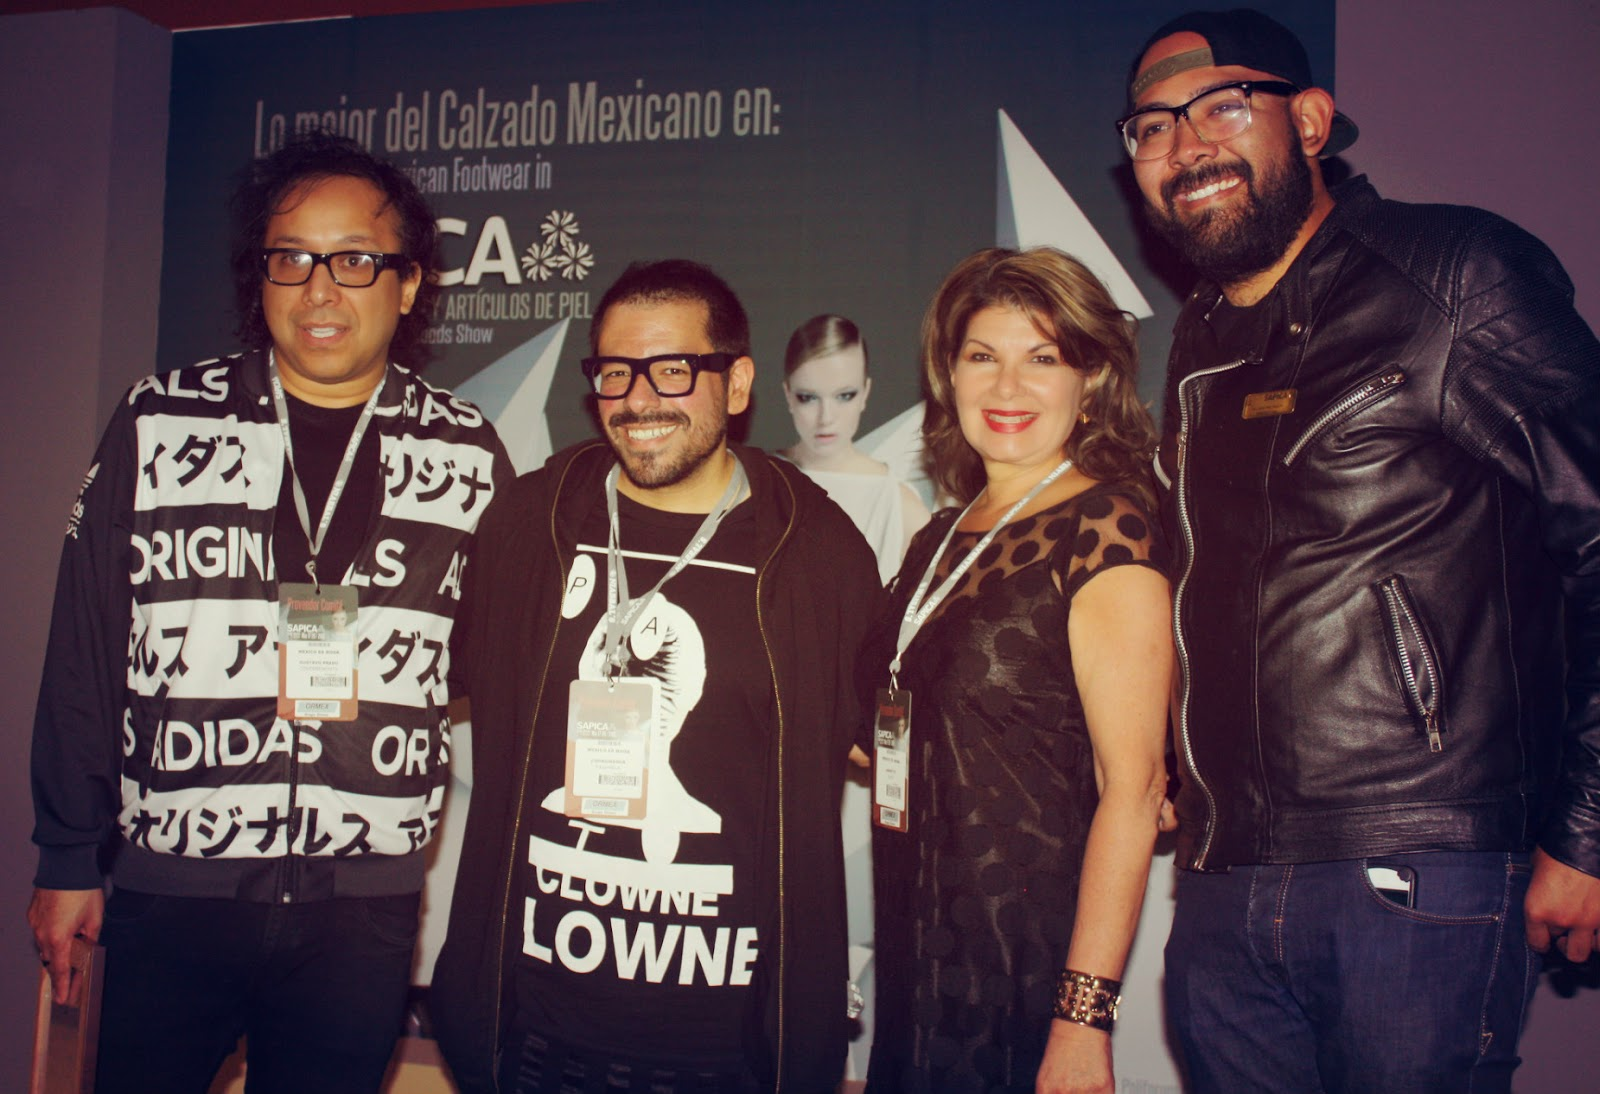 Cierre de conferencia Gustavo Prado, Francisco Saldaña, Jannette Klein y Javier Piña, SAPICA MEXICO.